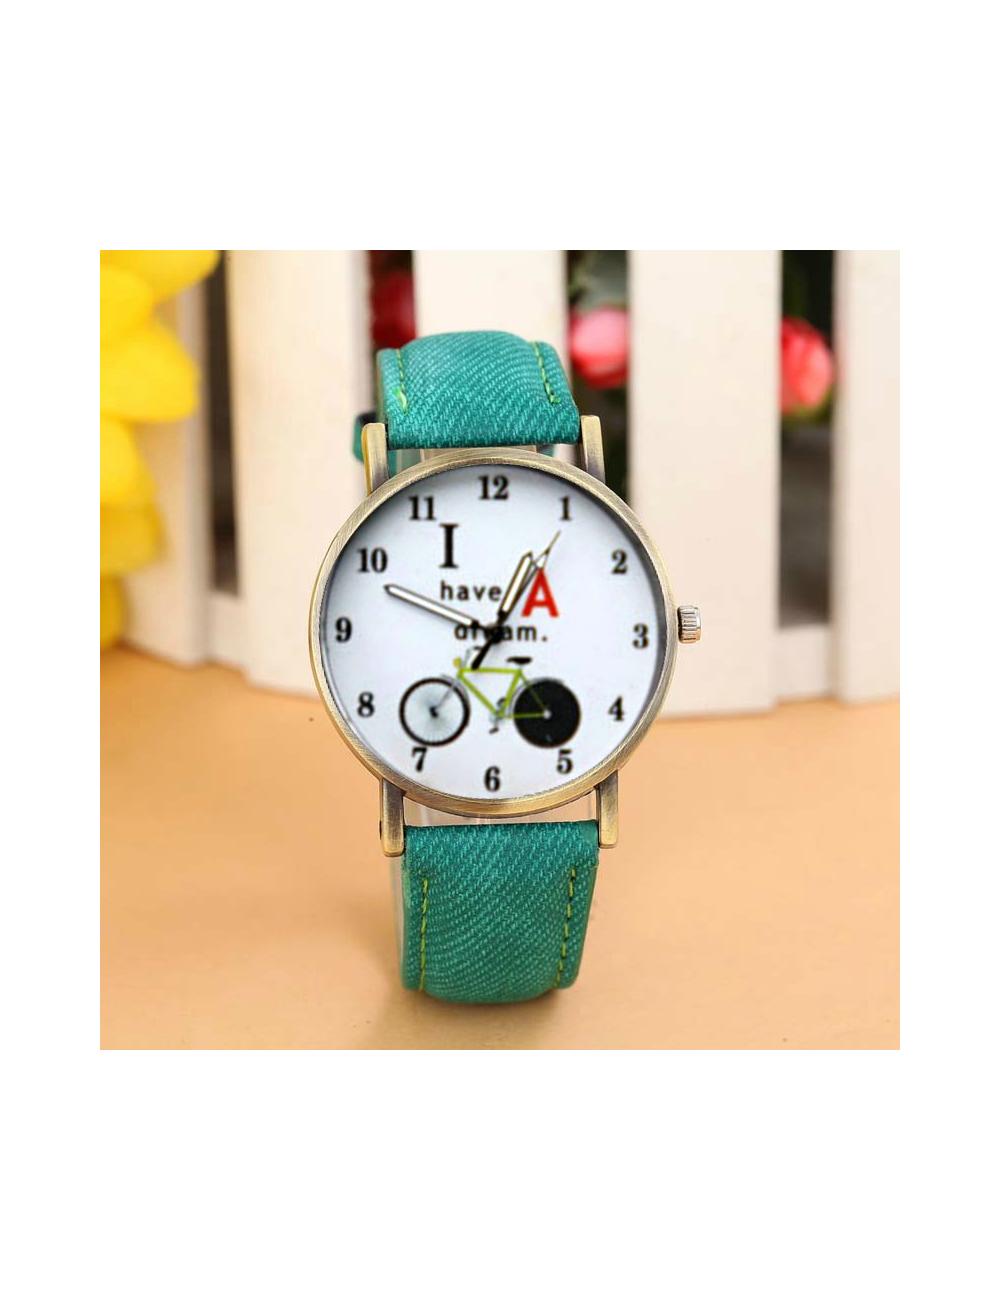 Reloj Bici Dayoshop 31,900.00